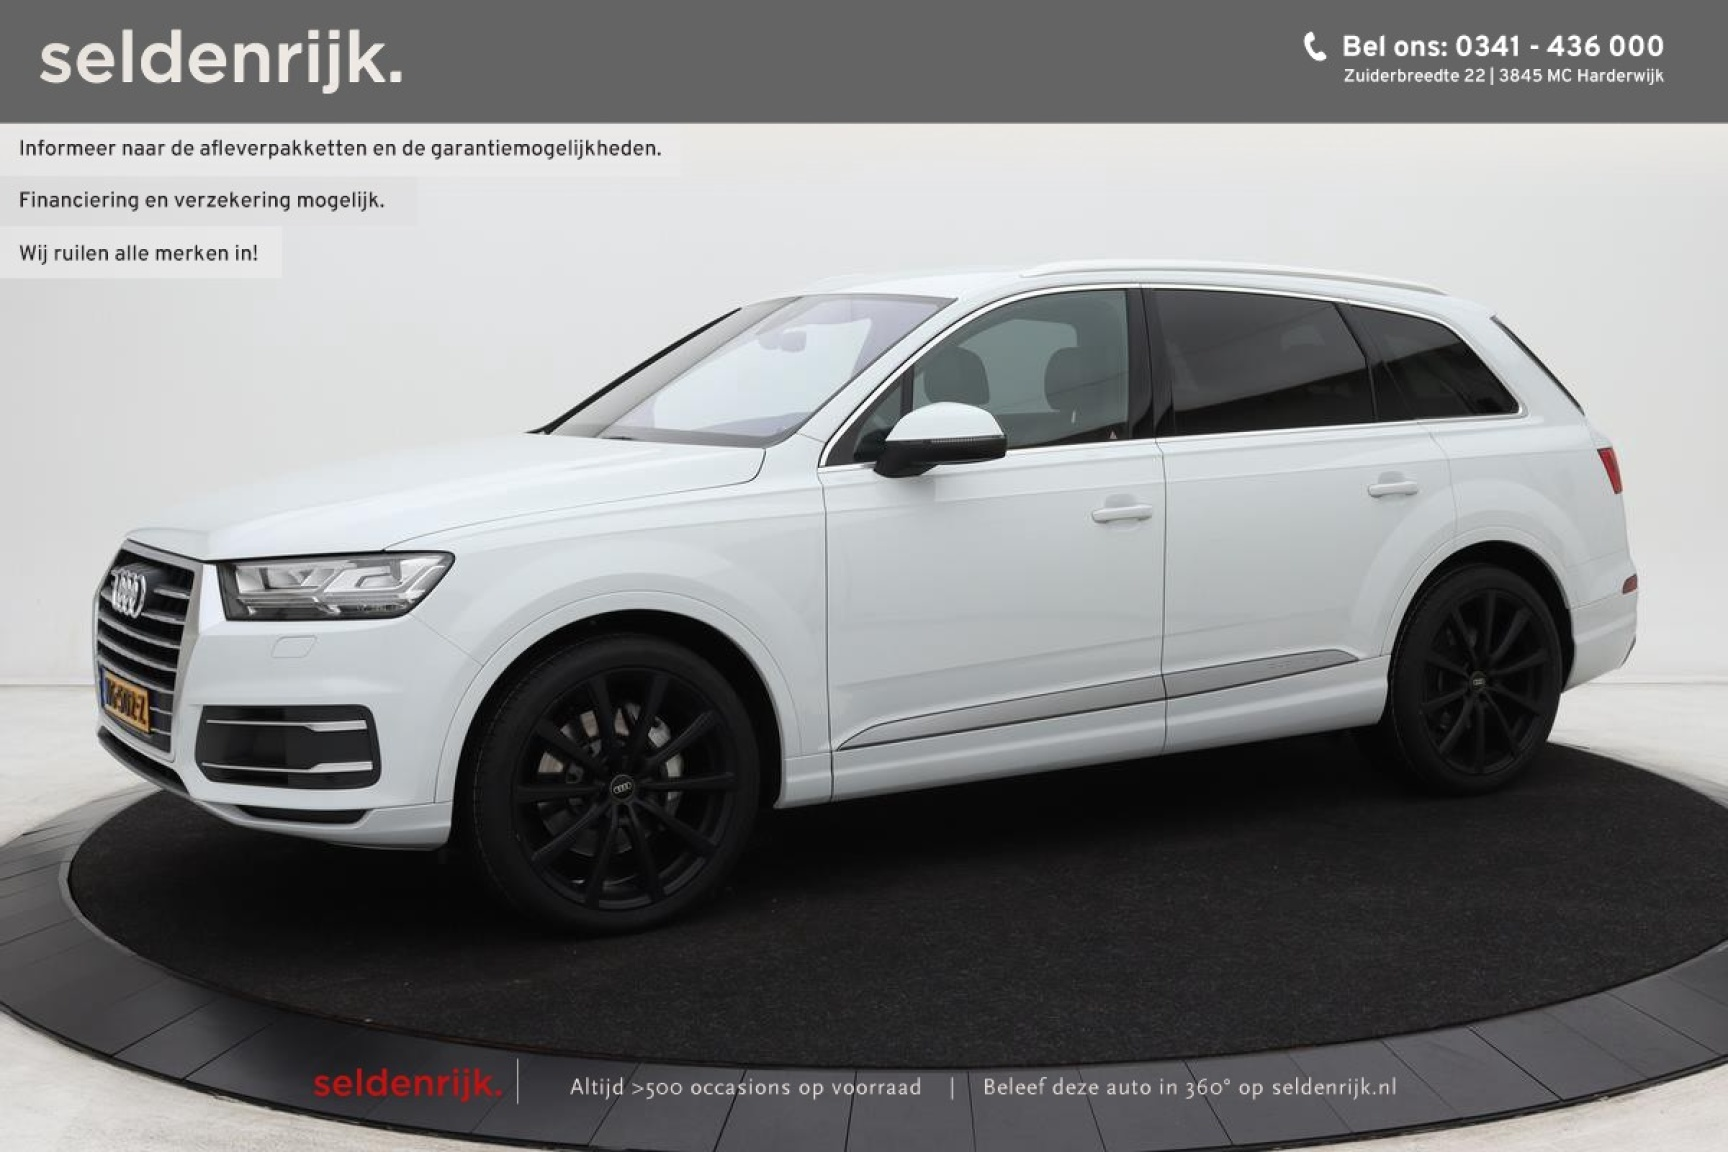 Audi-Q7-0